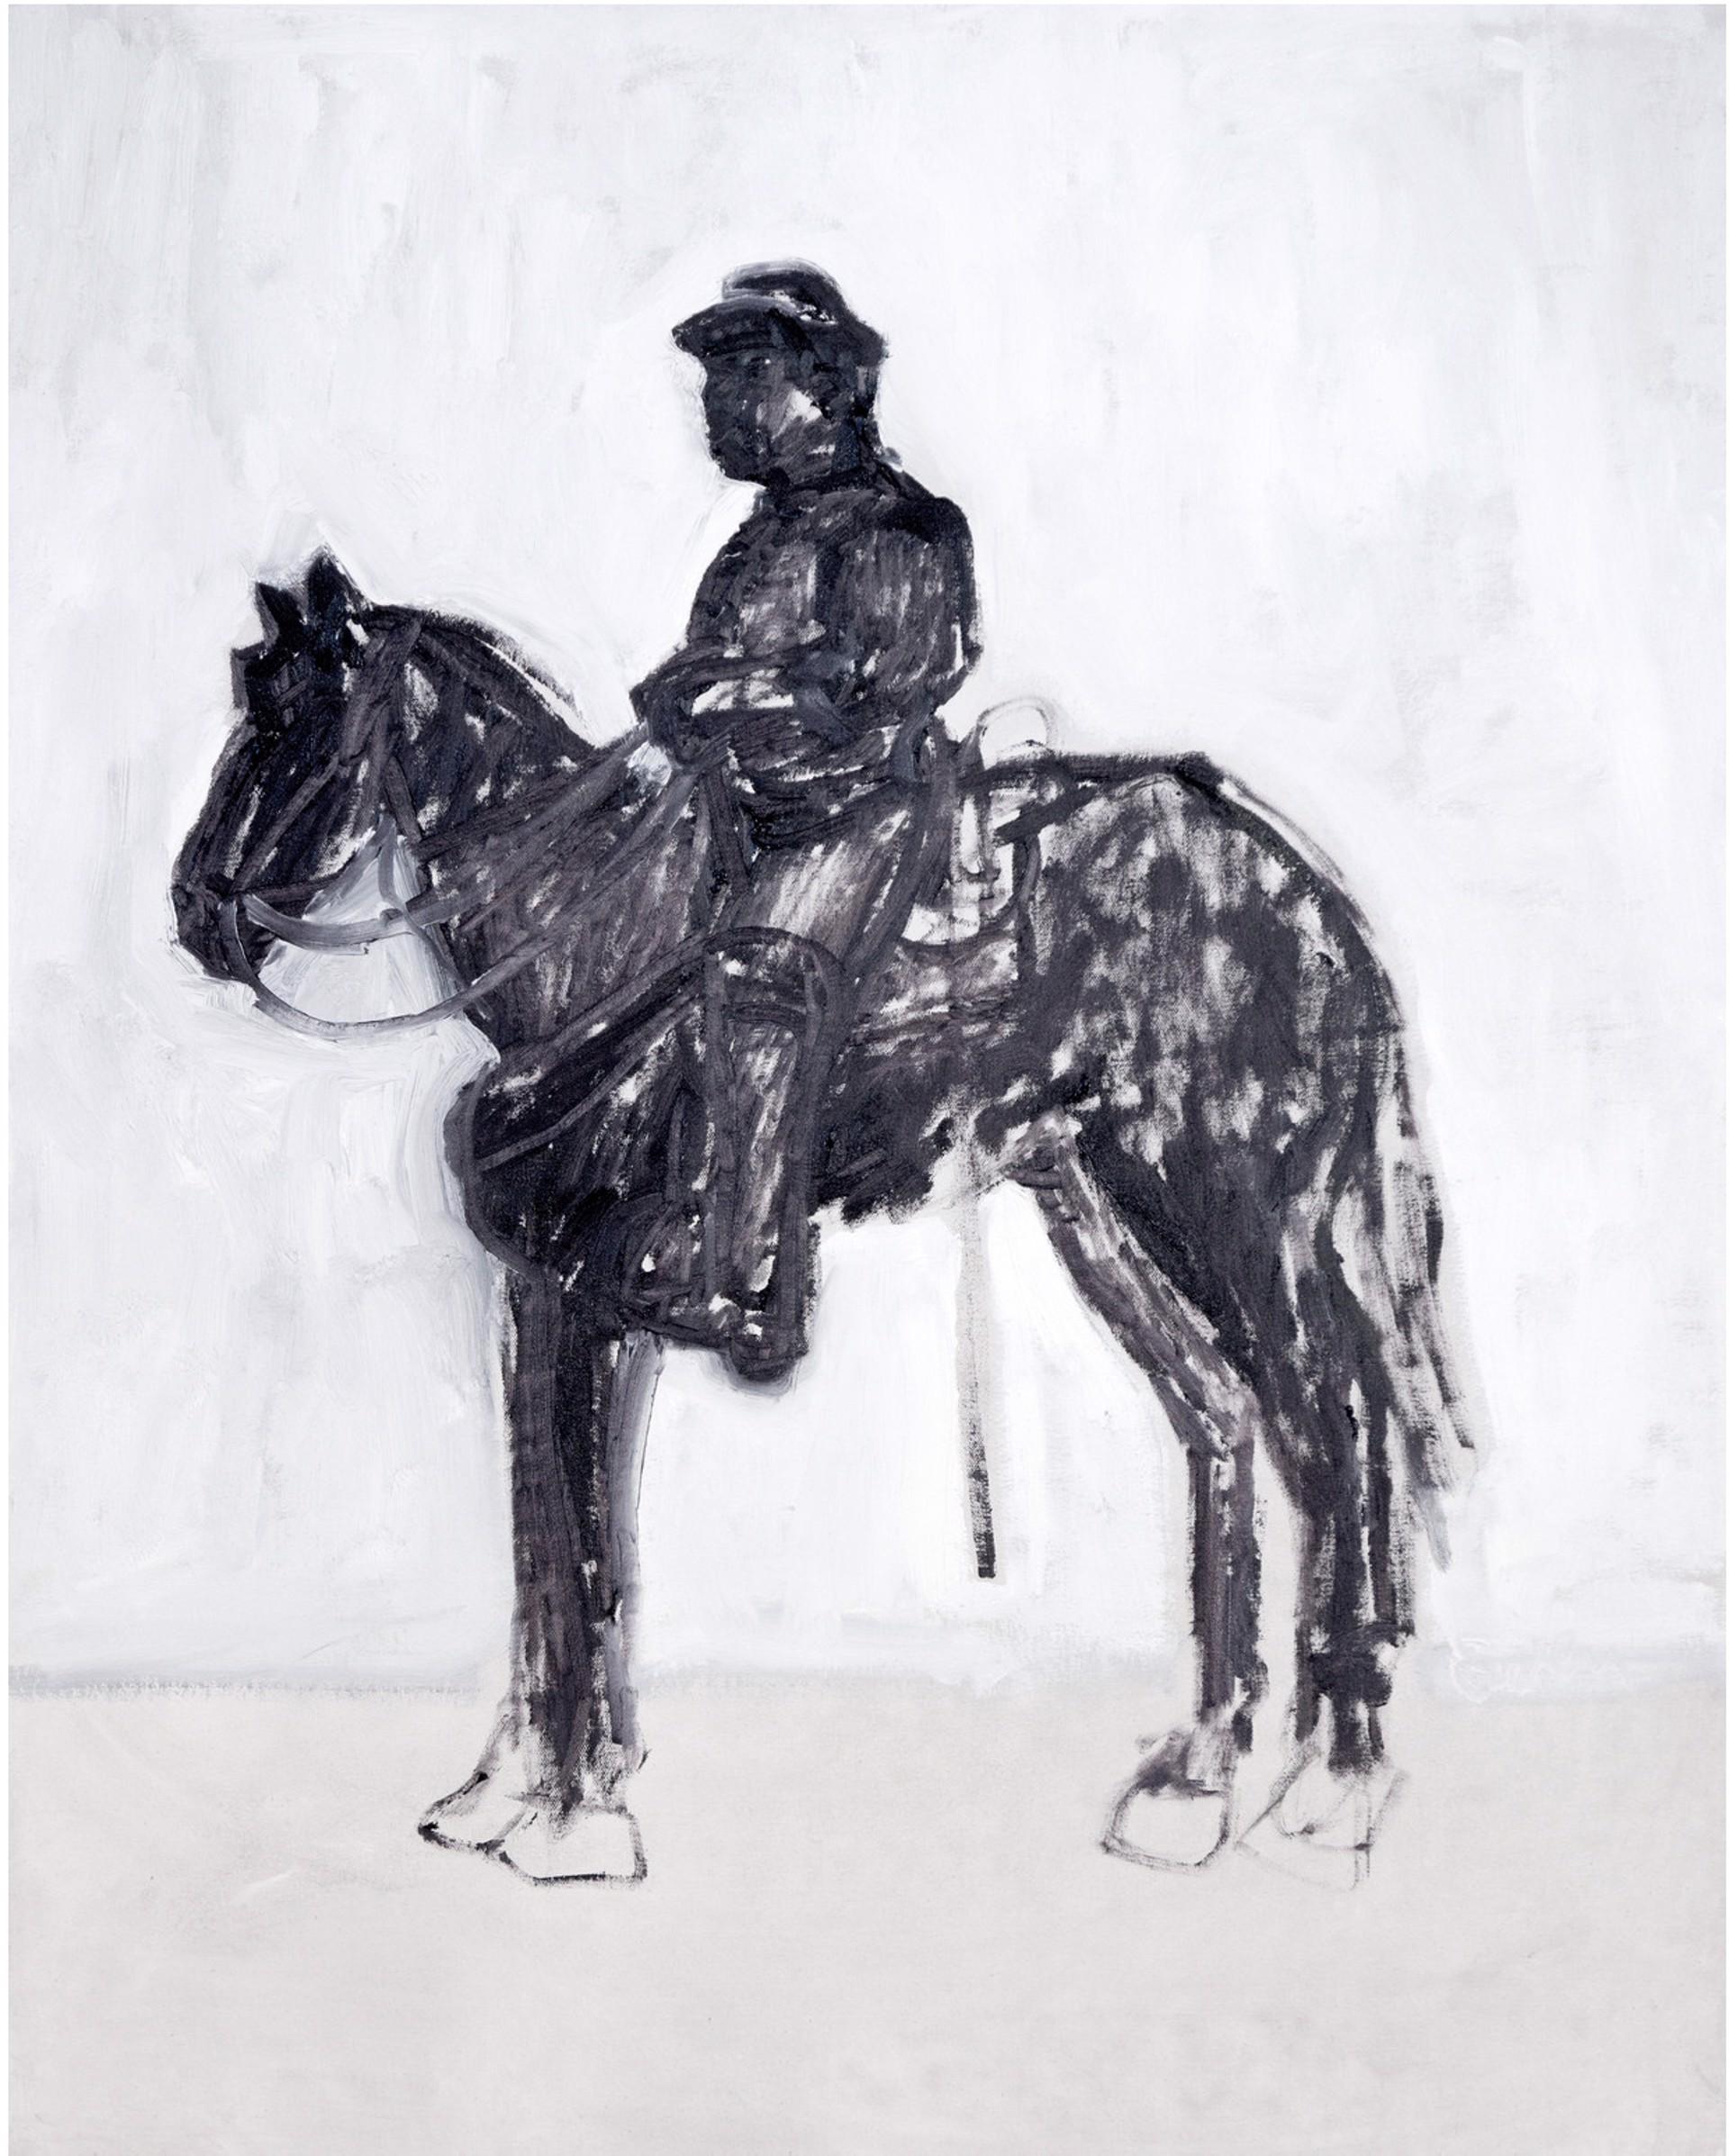 Horseback No. 3 by Anne-Louise Ewen